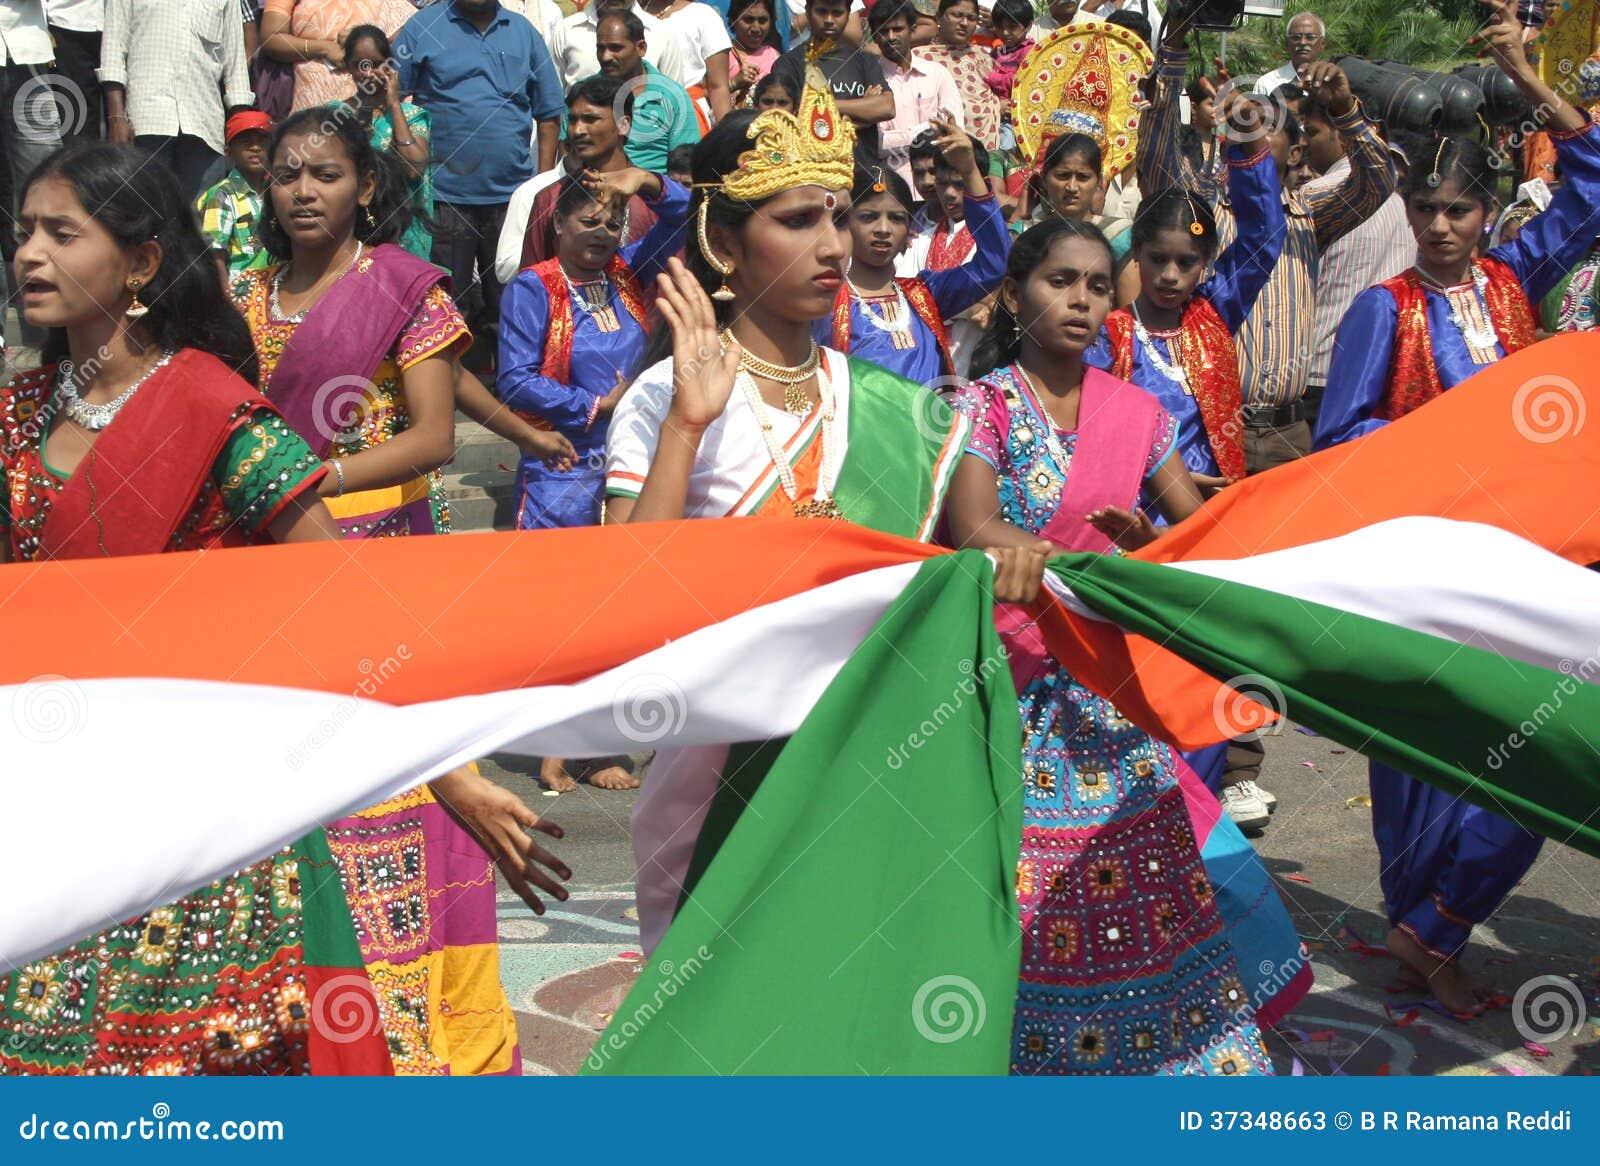 Los artistas se realizan realizan danza tradicional con la bandera nacional india